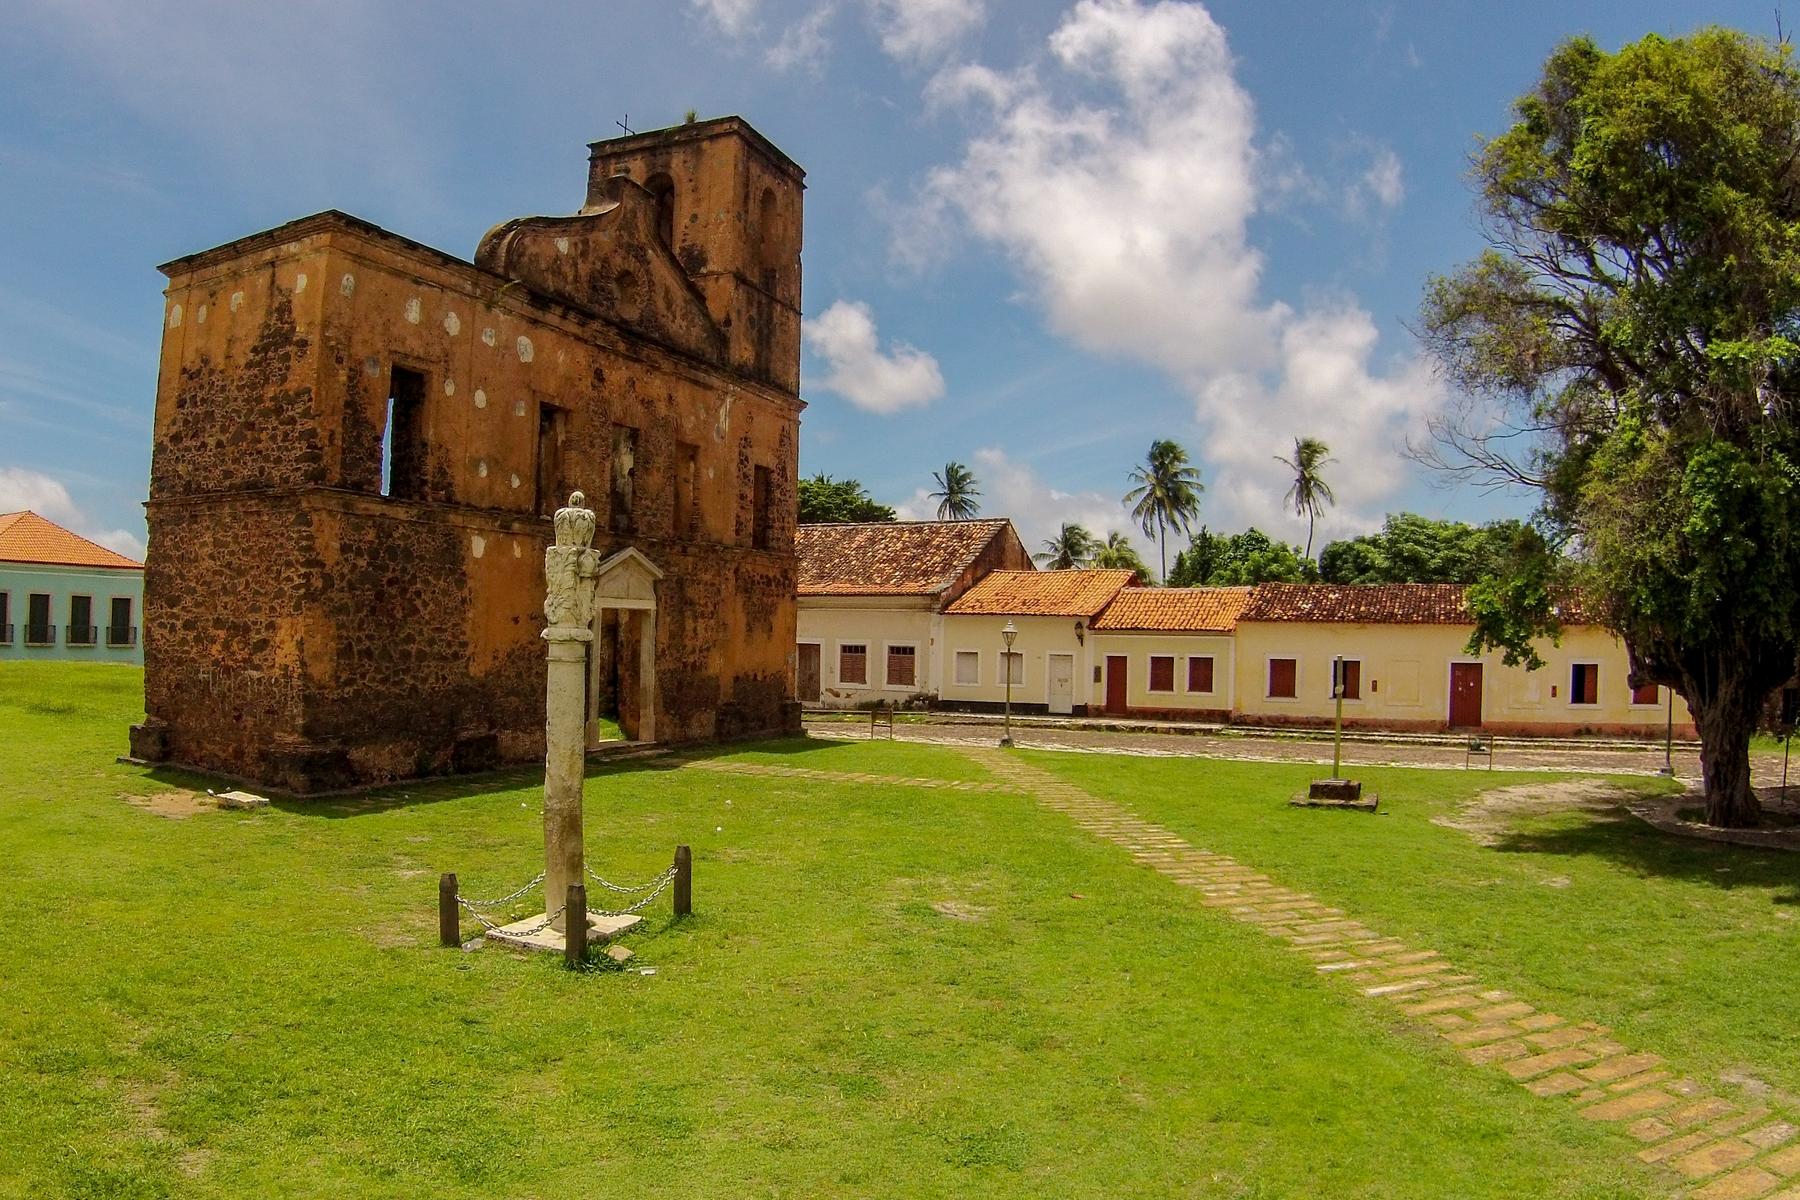 Ruínas da Igreja de São Matias na Praça da Matriz em Alcântara no Maranhão